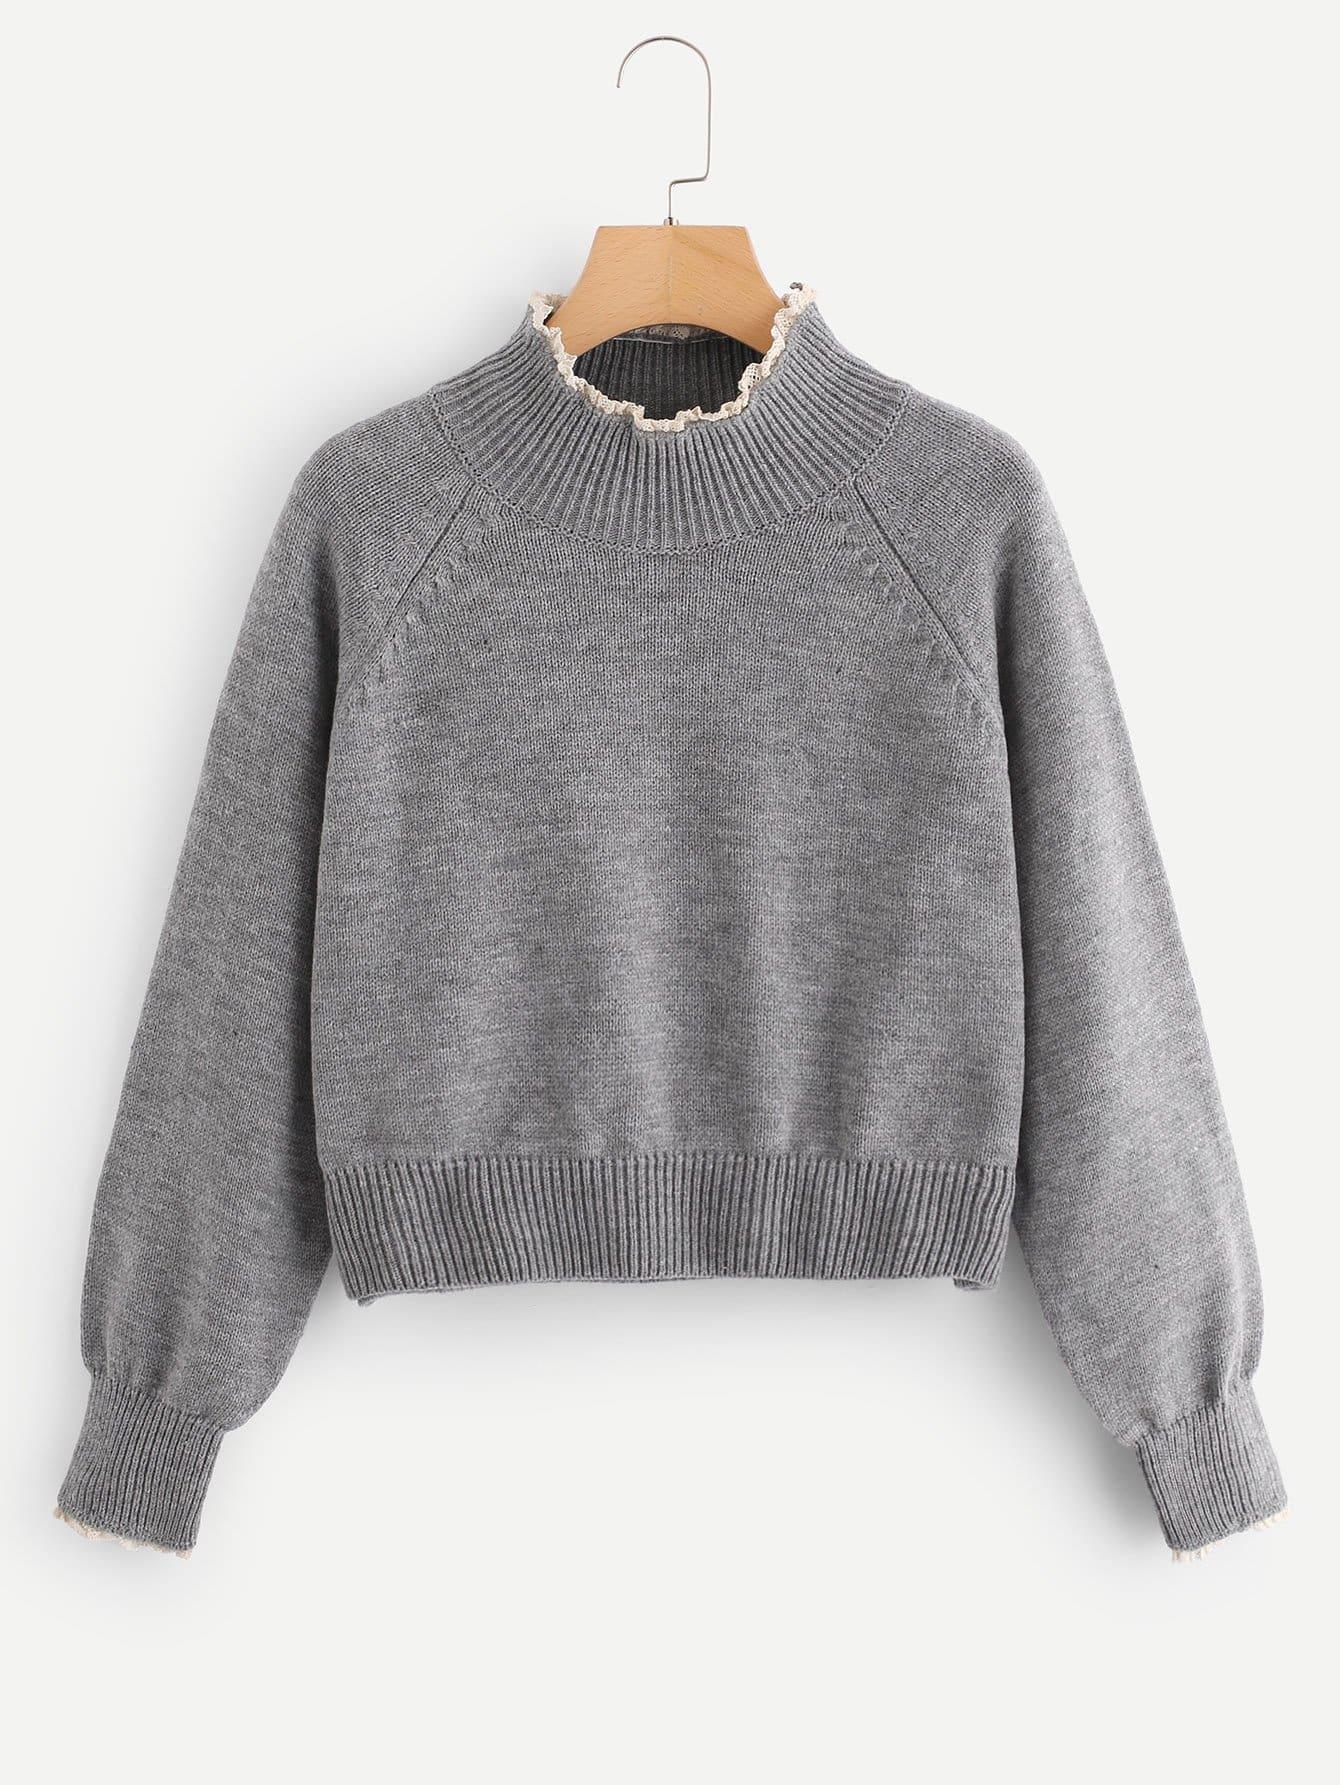 Купить Кружева Trim High Neck Heather Grey Sweater, null, SheIn